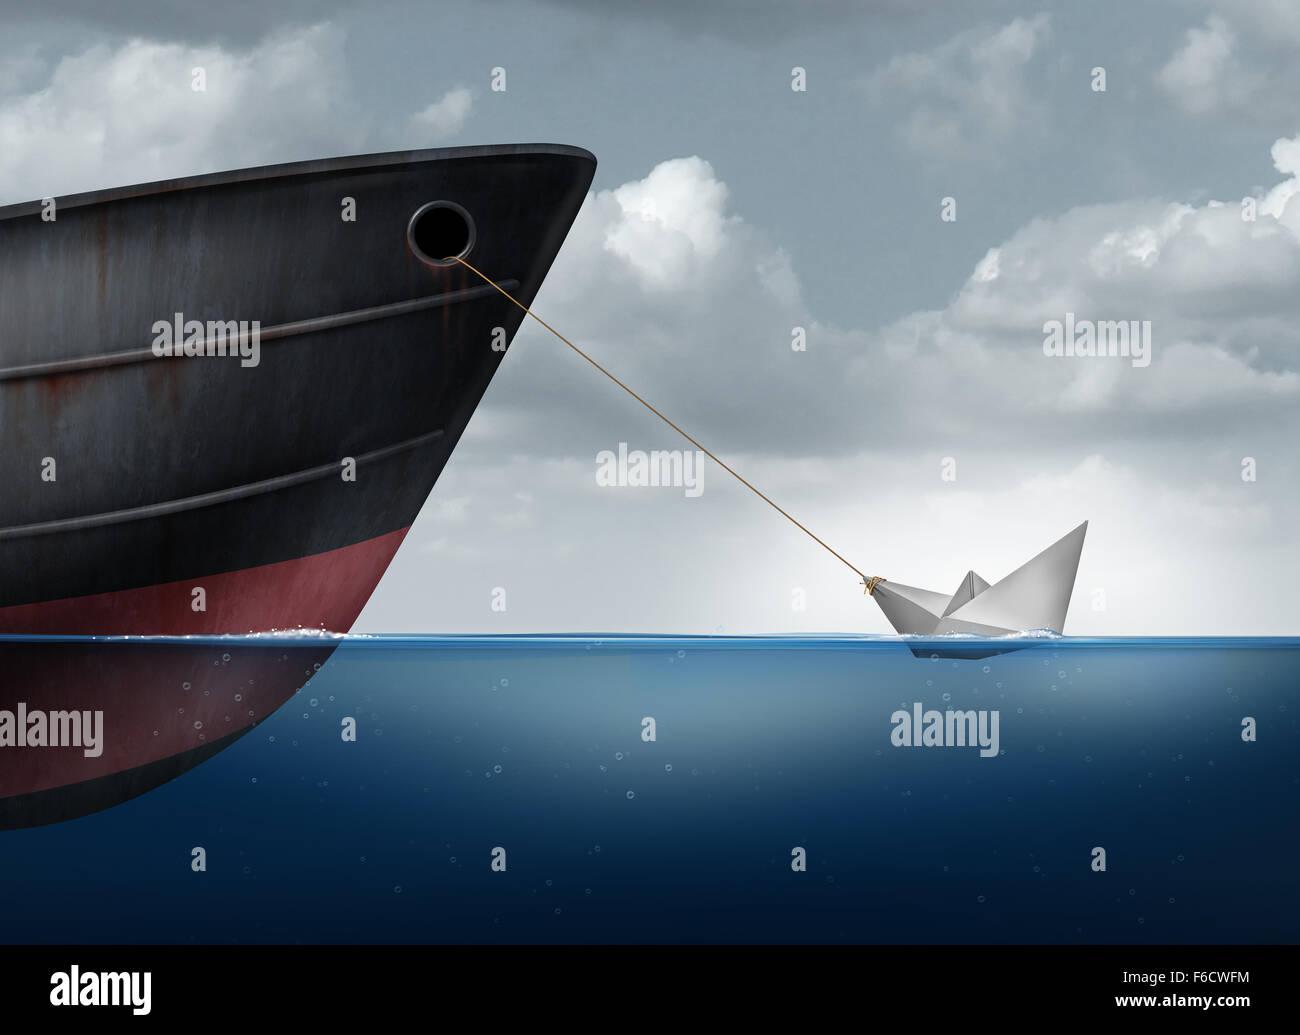 Potenza sorprendente concetto come una piccola barca di carta nell'oceano tirando un enorme nave di metallo Immagini Stock